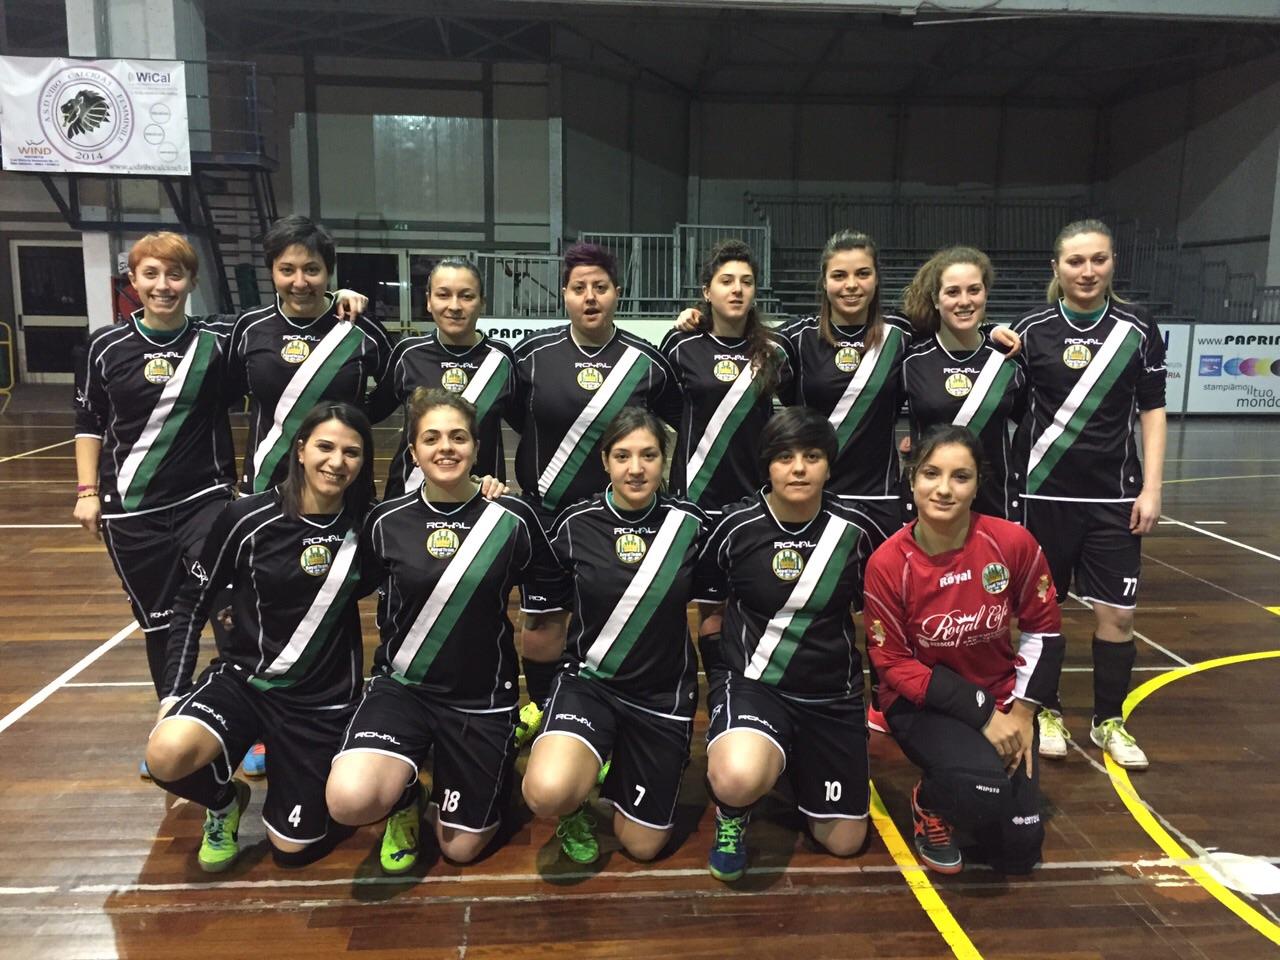 Royal Team Lamezia_calcio a 5 femminile